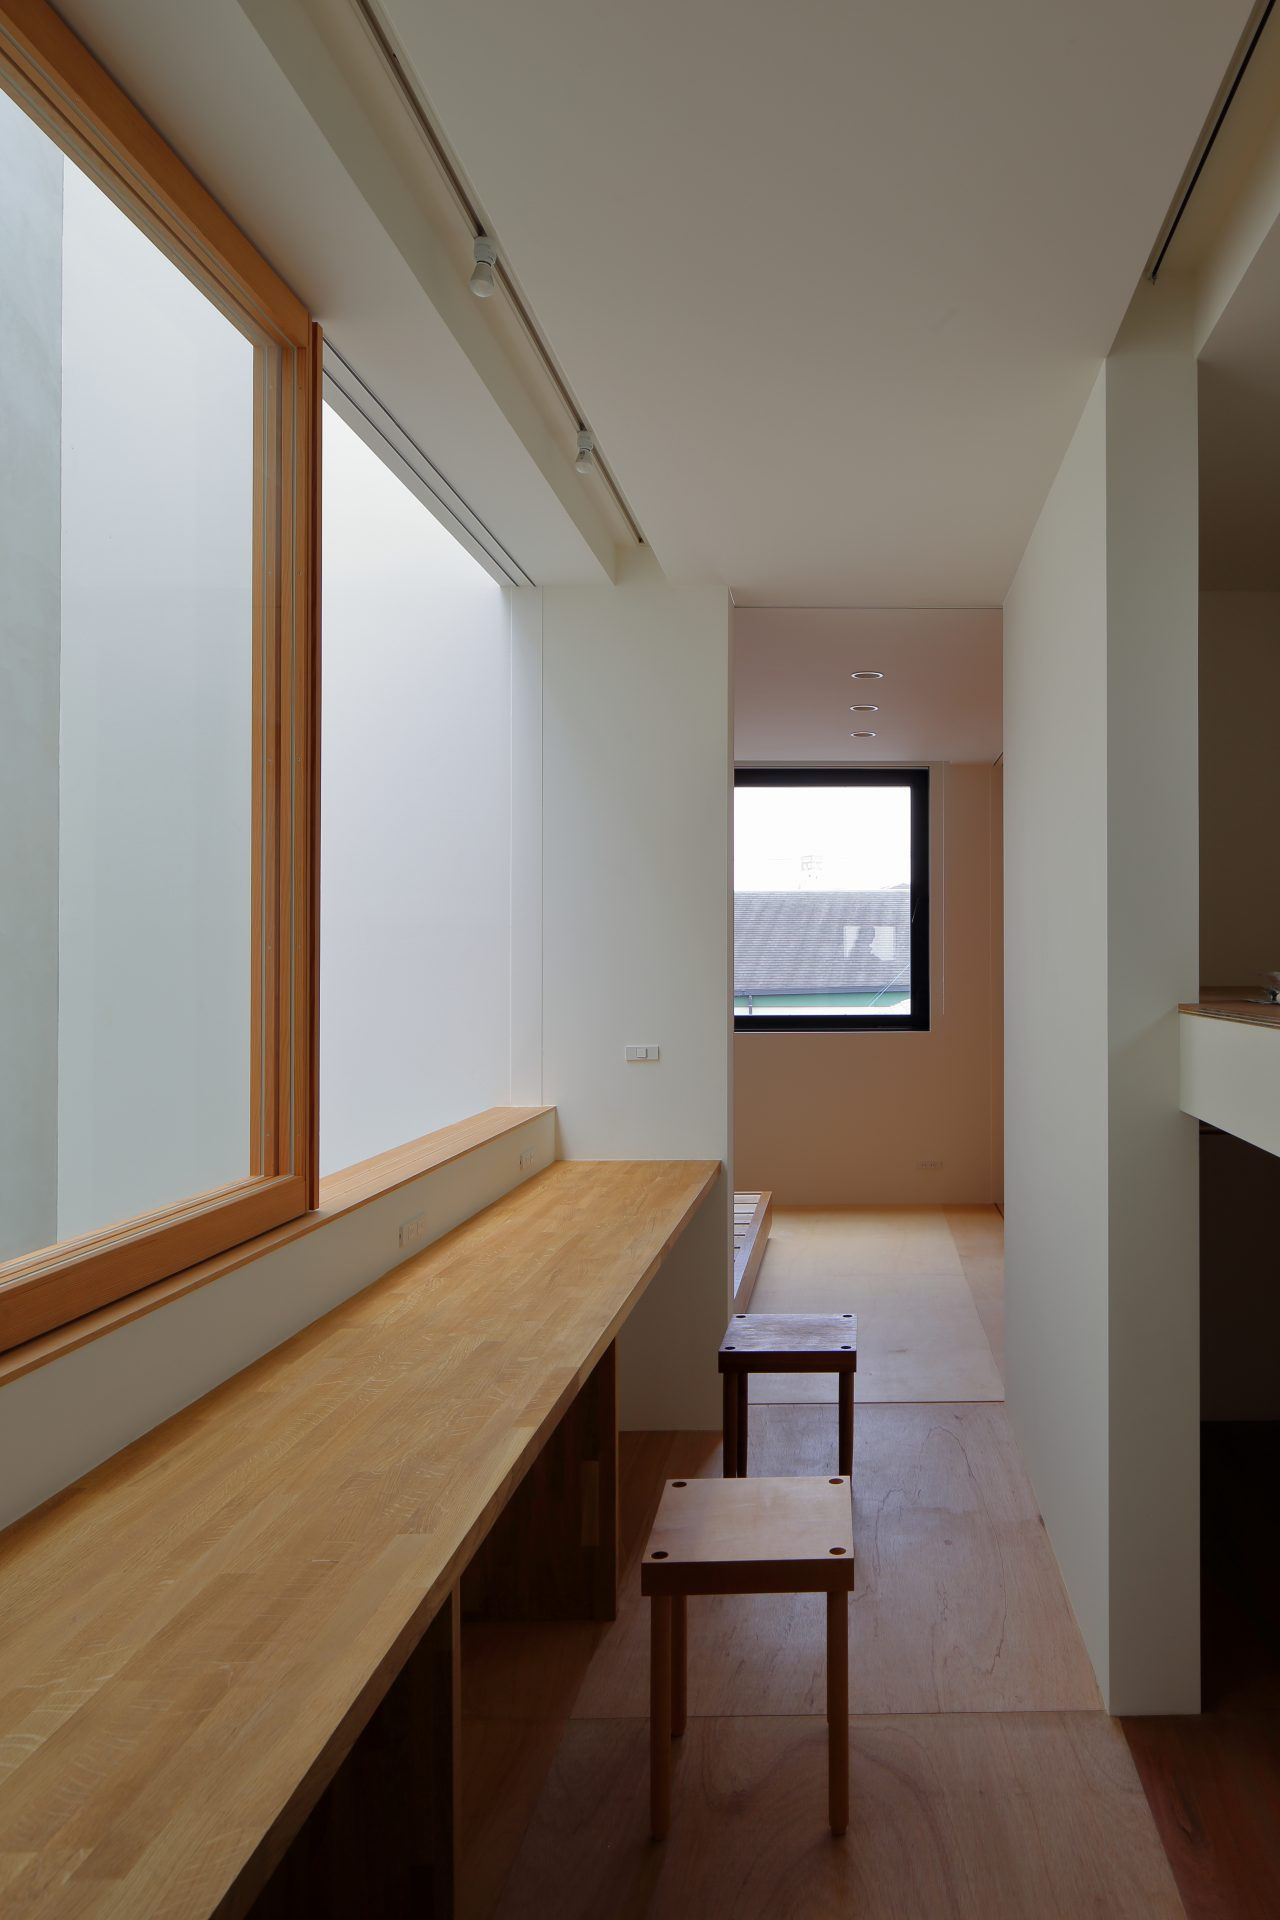 大阪小さなサンルームのある家のワークスペース